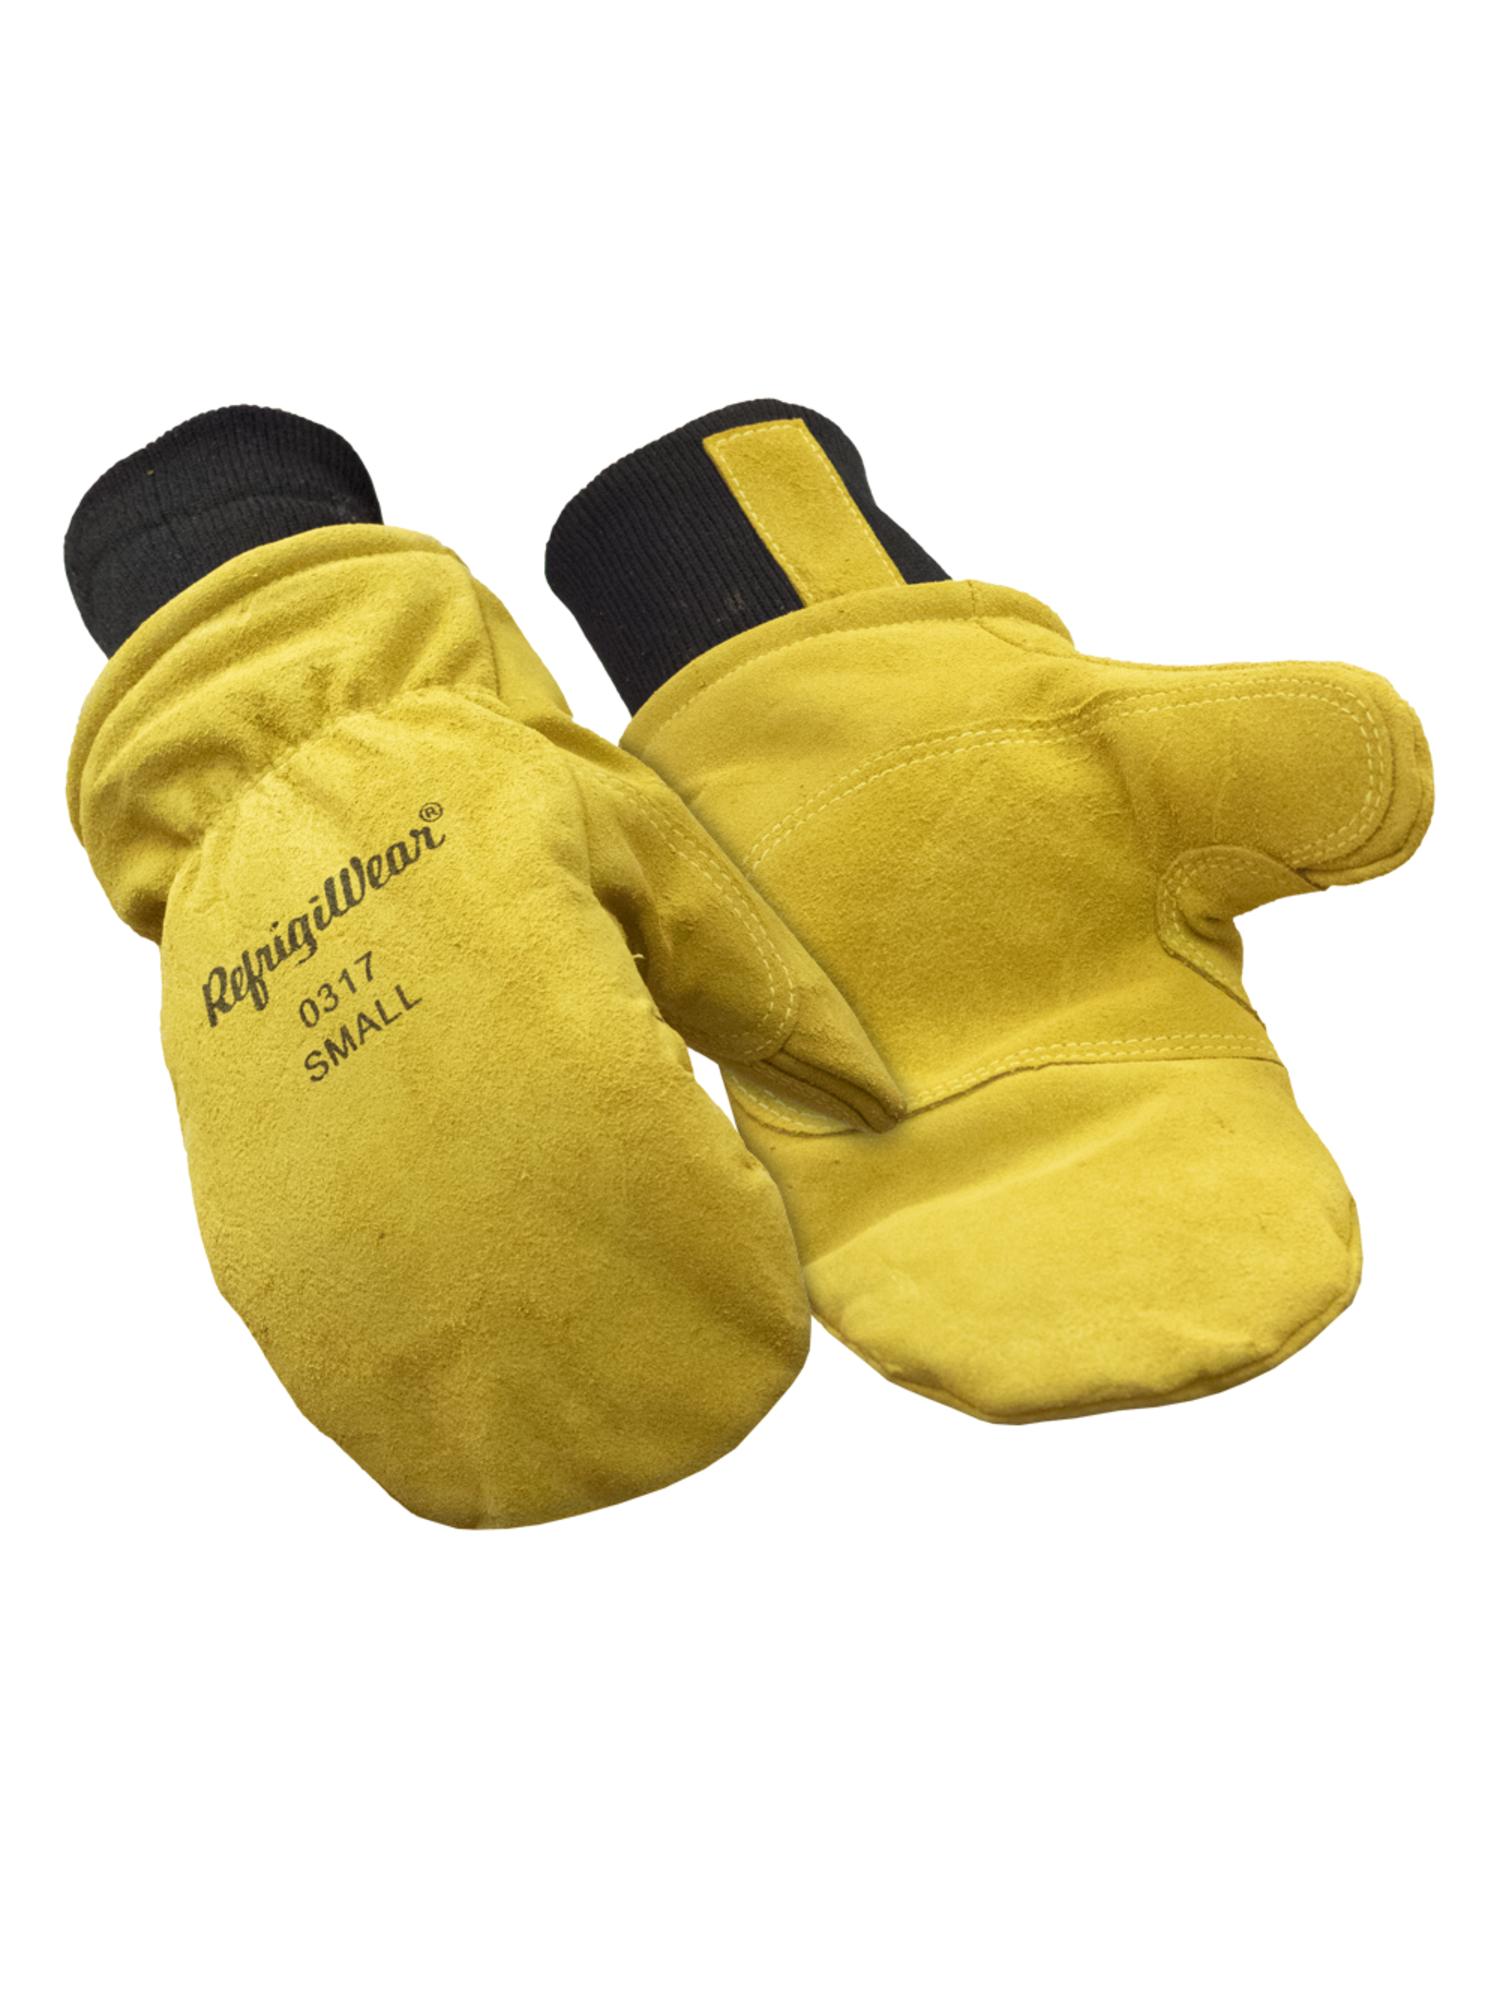 RefrigiWear Warm Fleece Lined Fiberfill Insulated Cowhide Leather Work Gloves